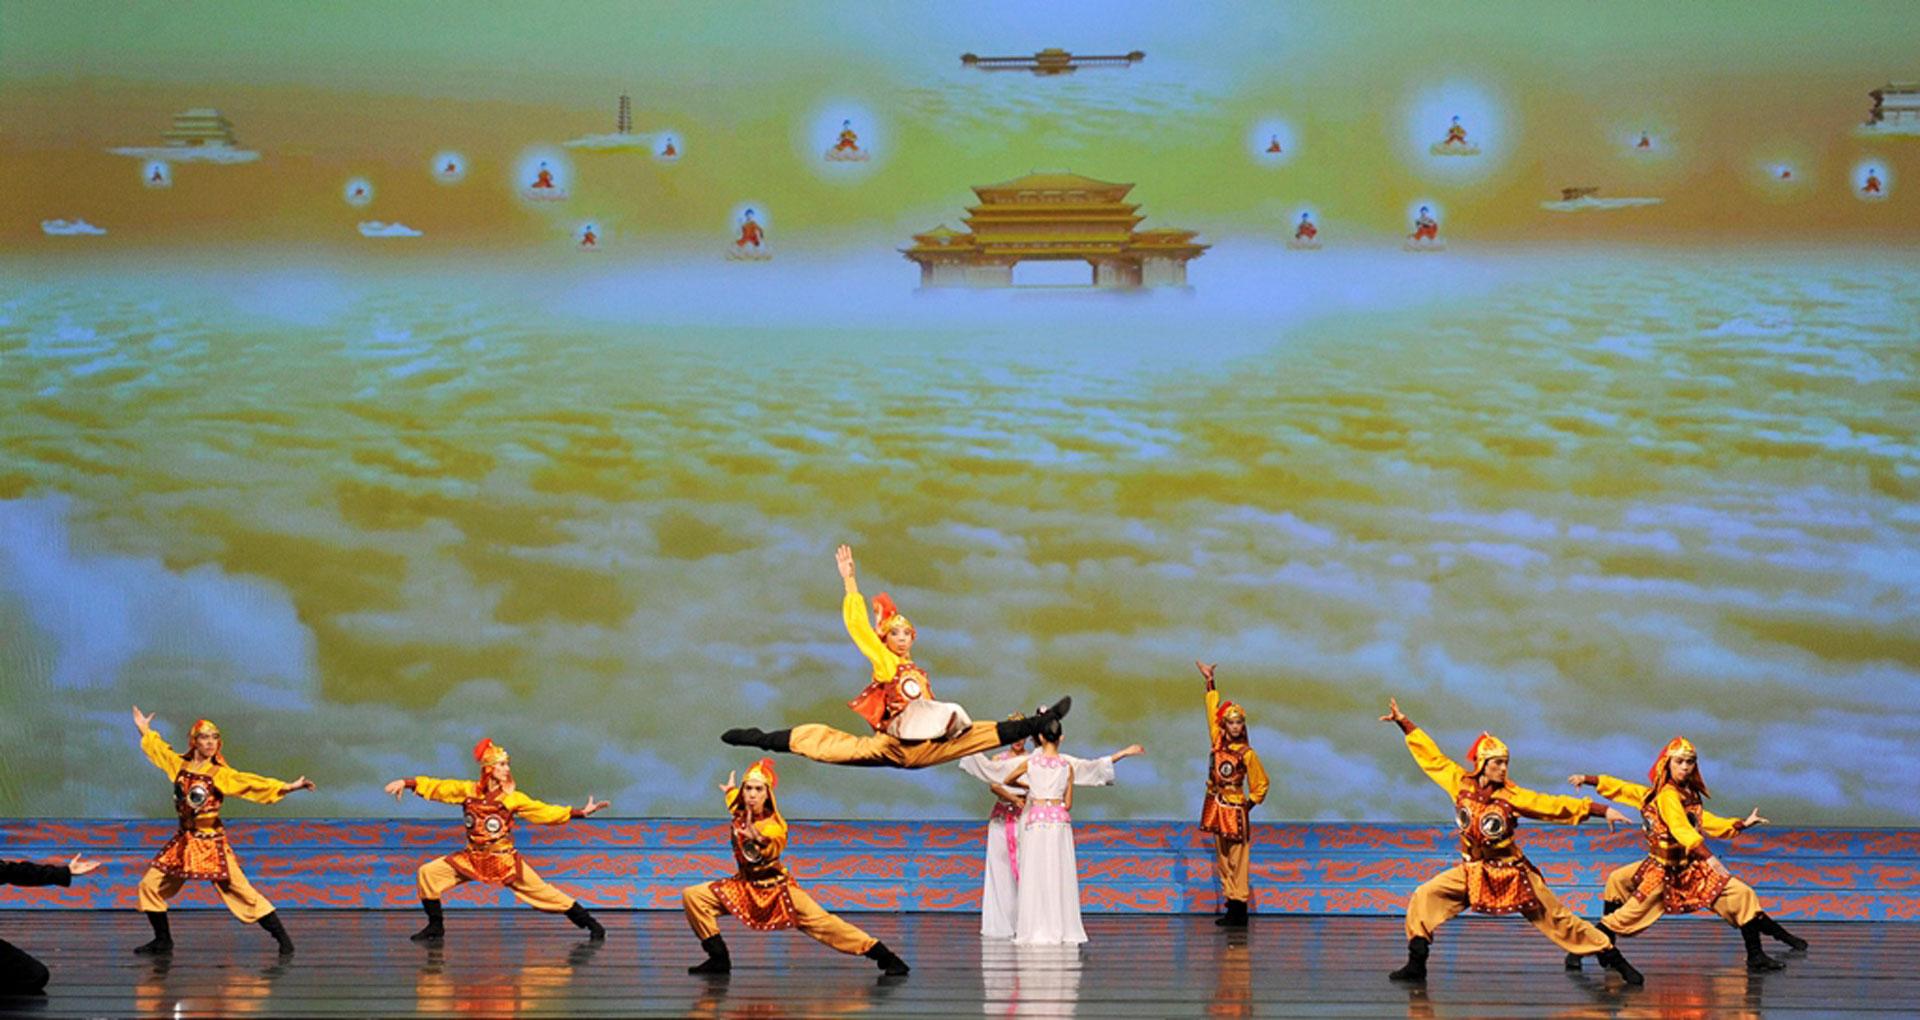 Las actuaciones se inspiran en leyendas y mitos de China.